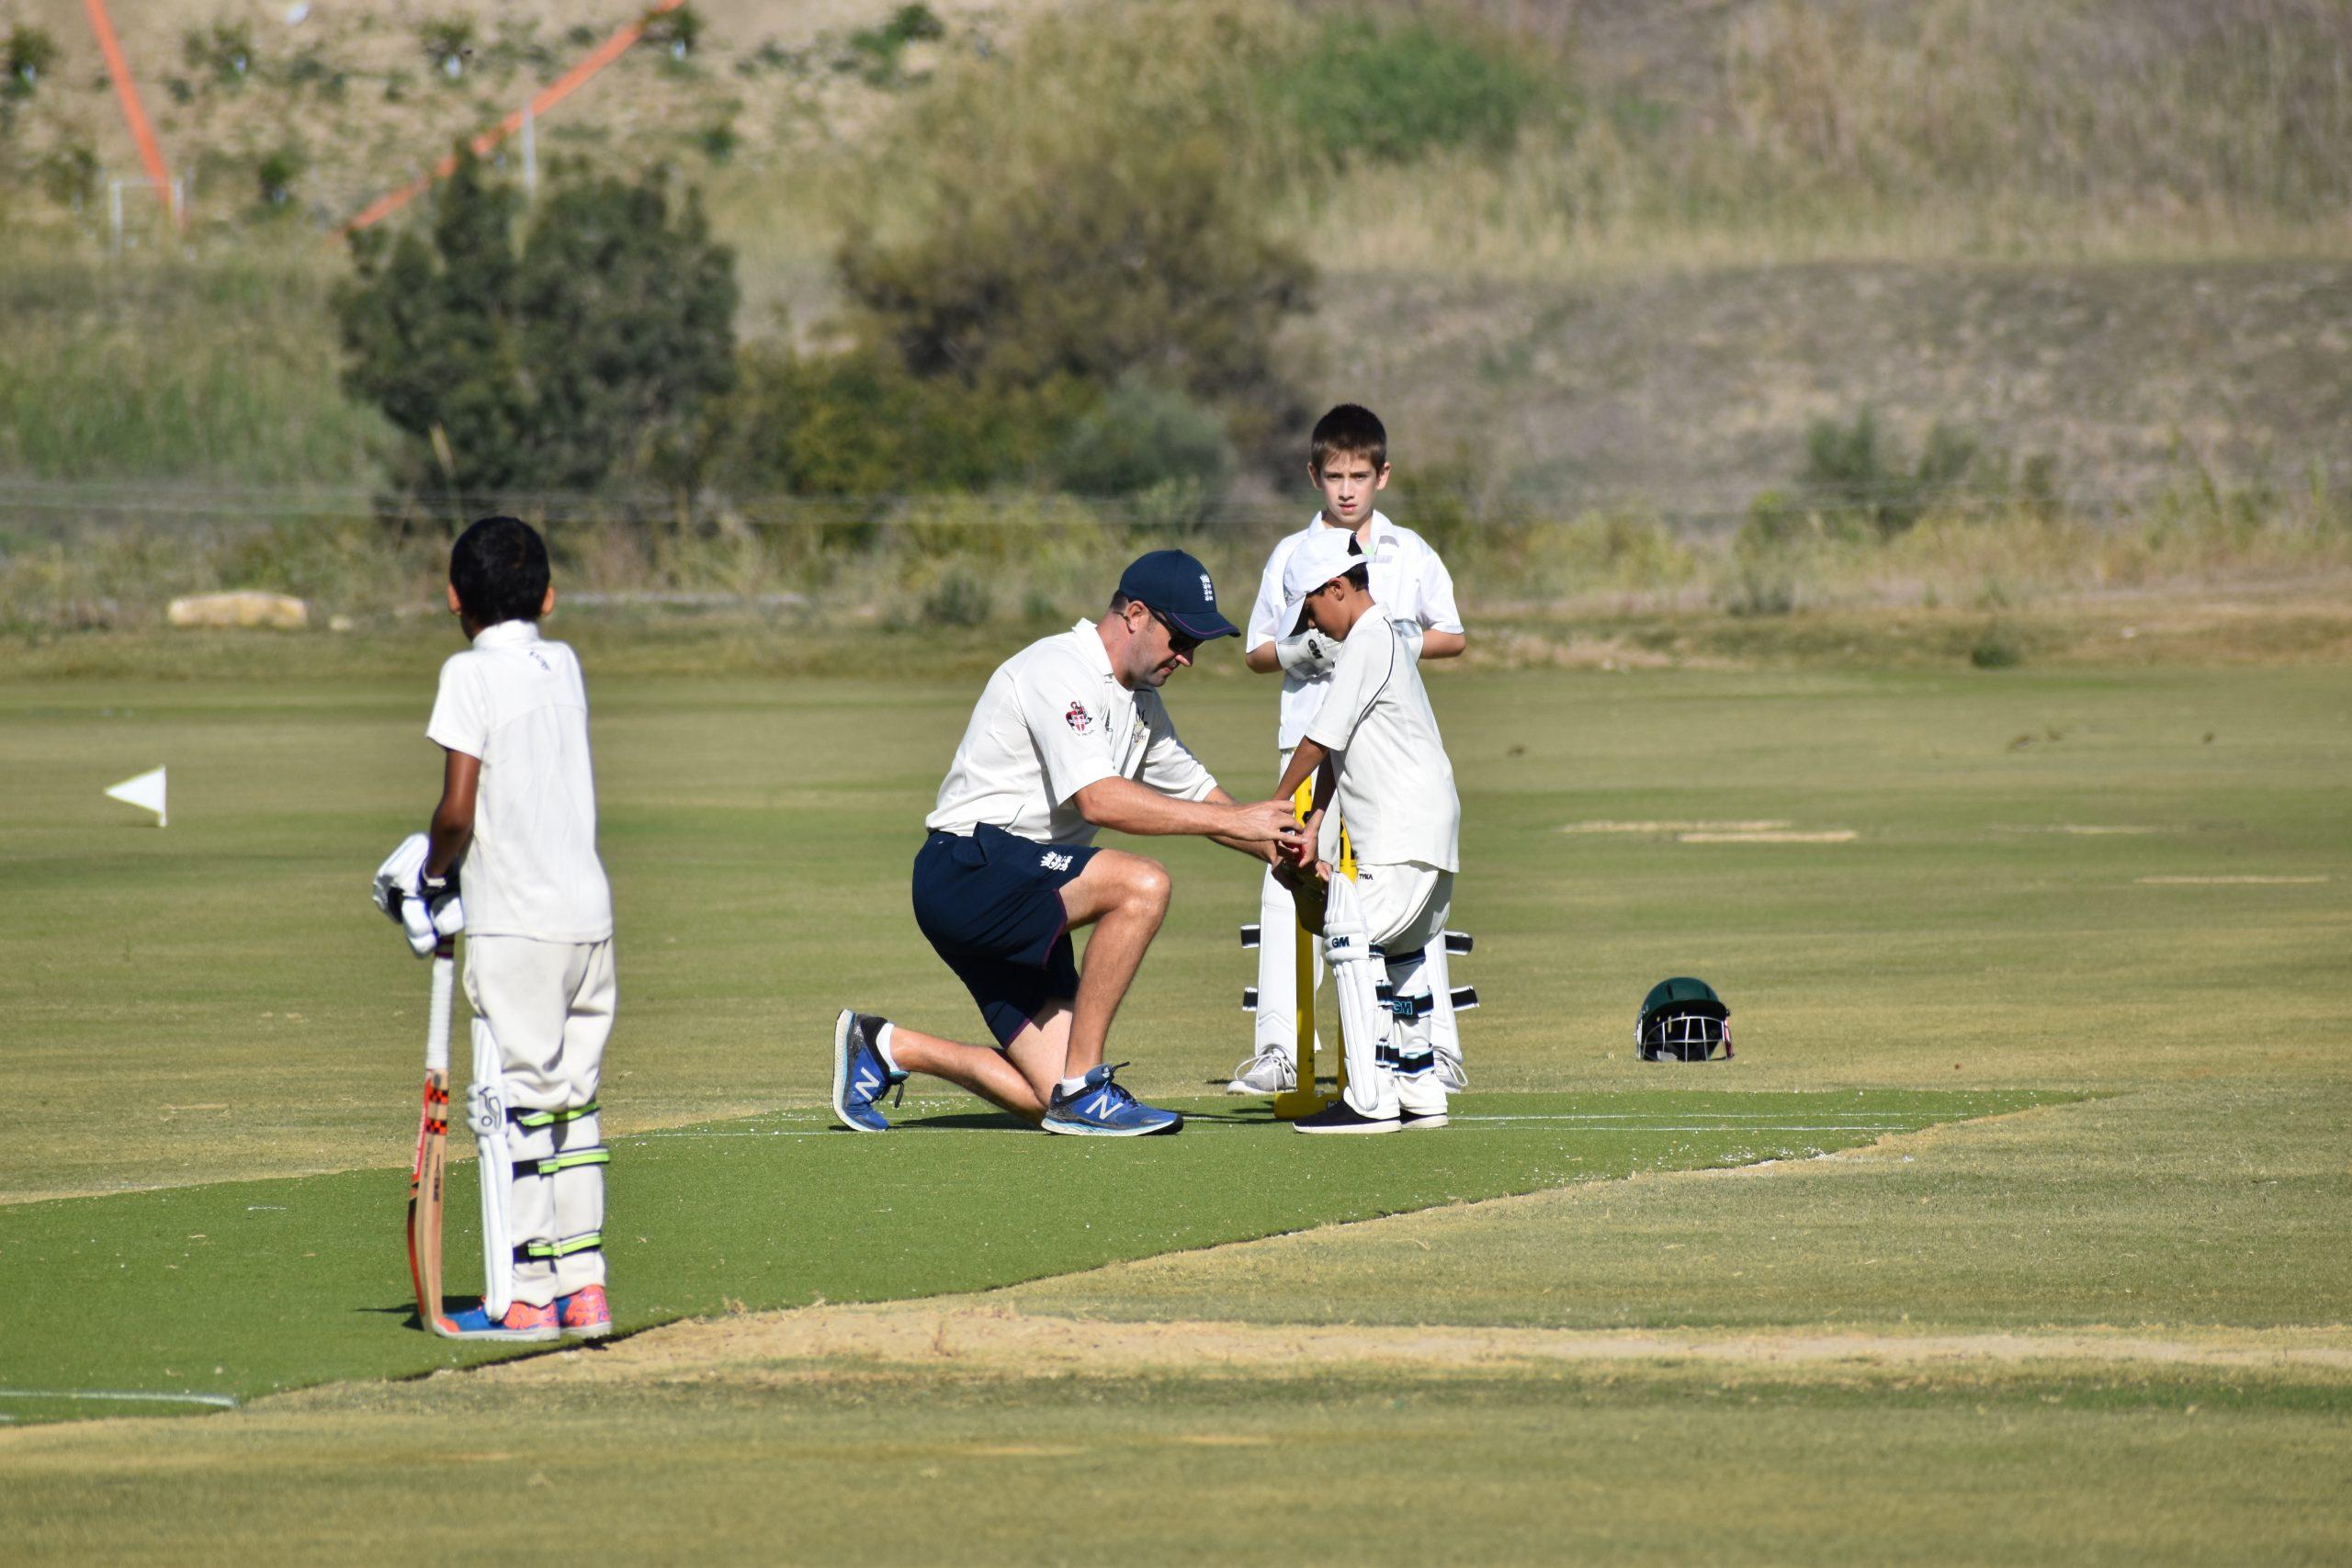 Junior Cricket festival at Cartama oval